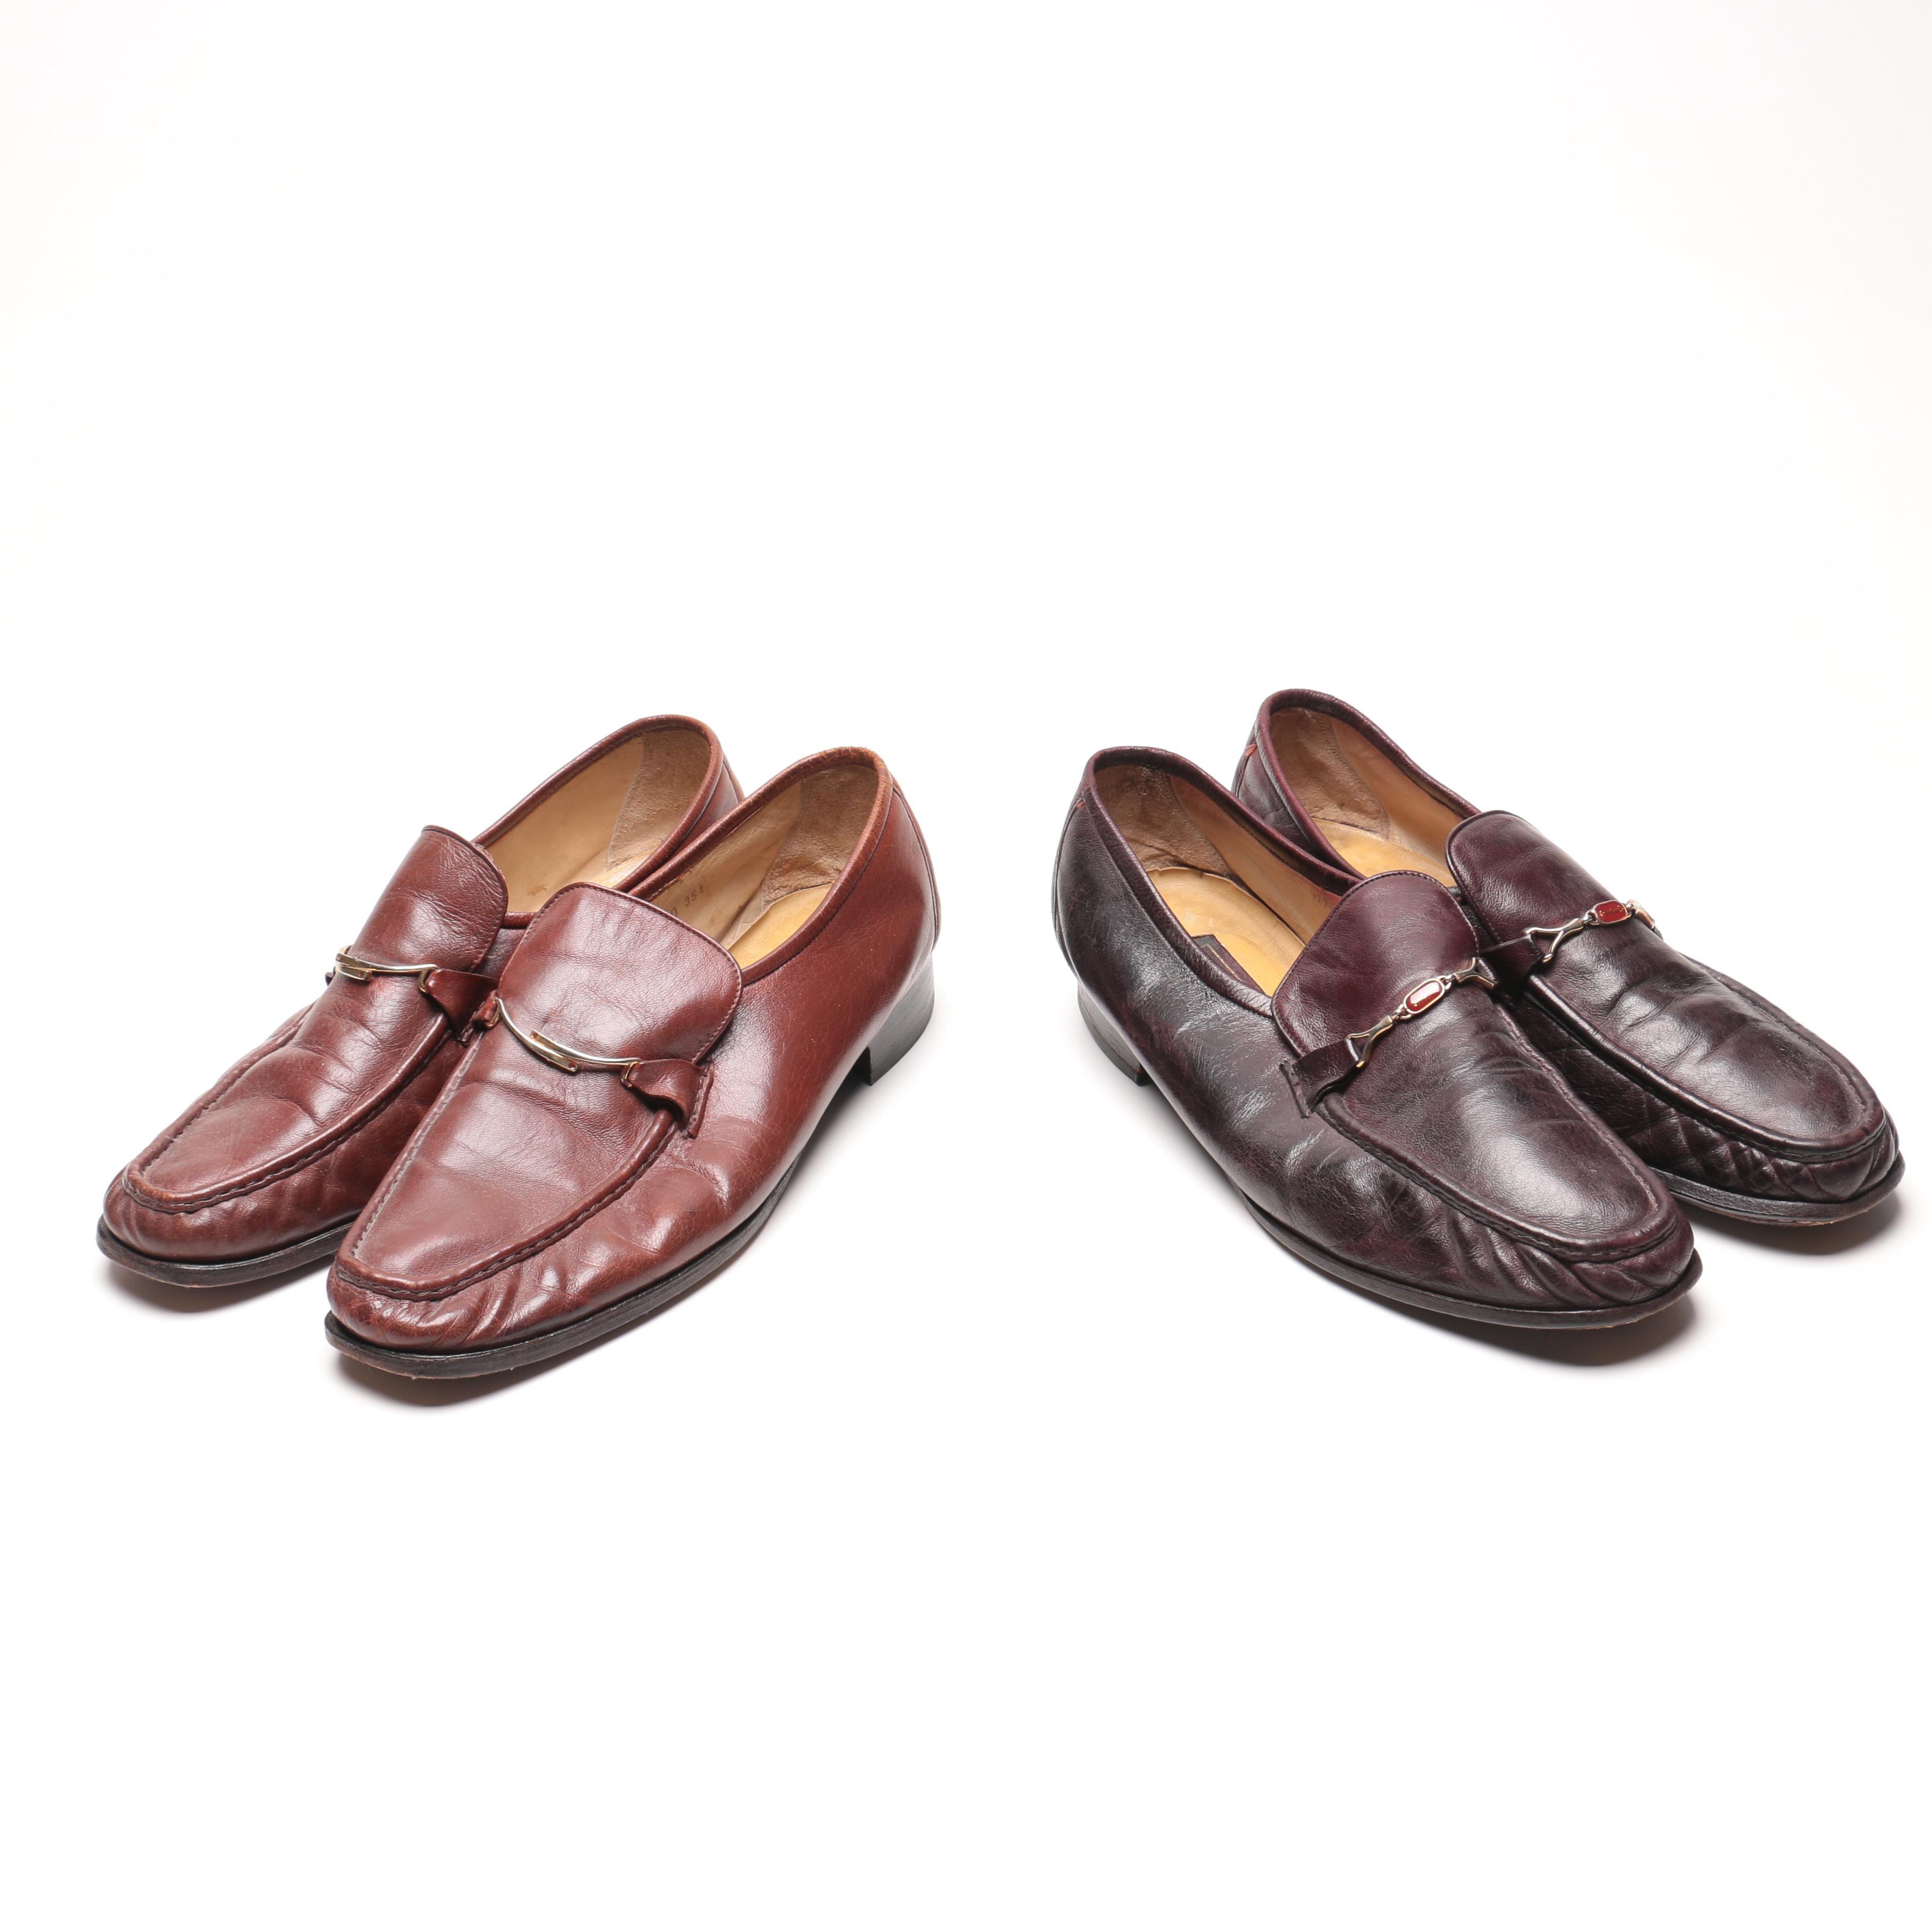 Baker Benjes Men's Leather Loafers